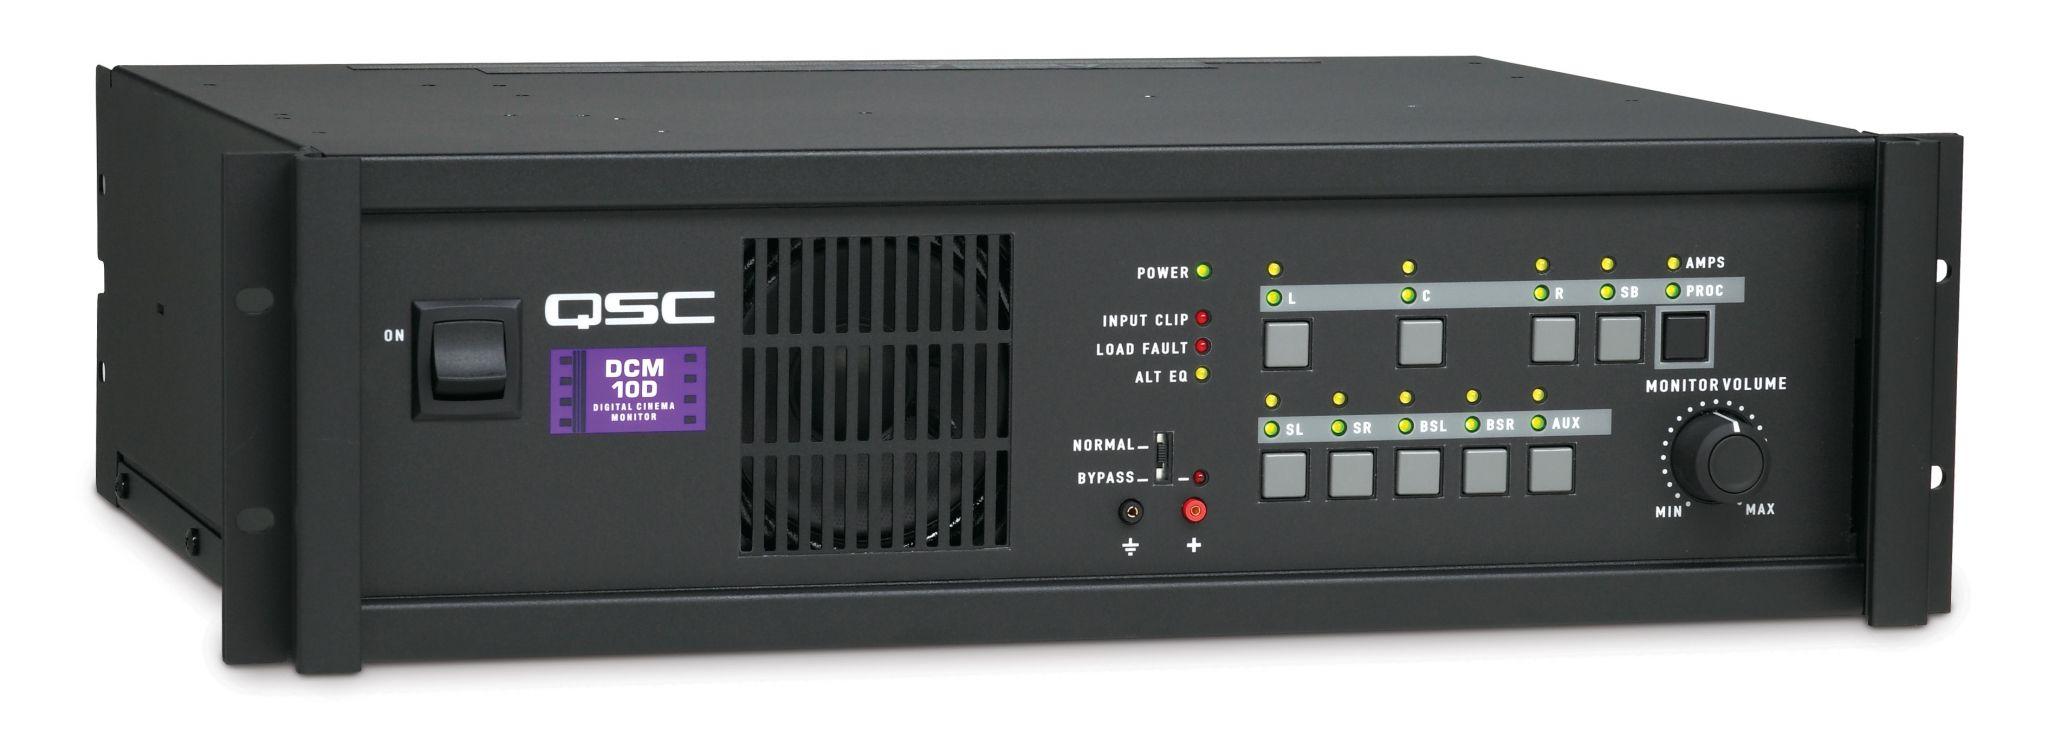 qsc Процессор и контроллер усилителей QSC Cinema  DCM-10D